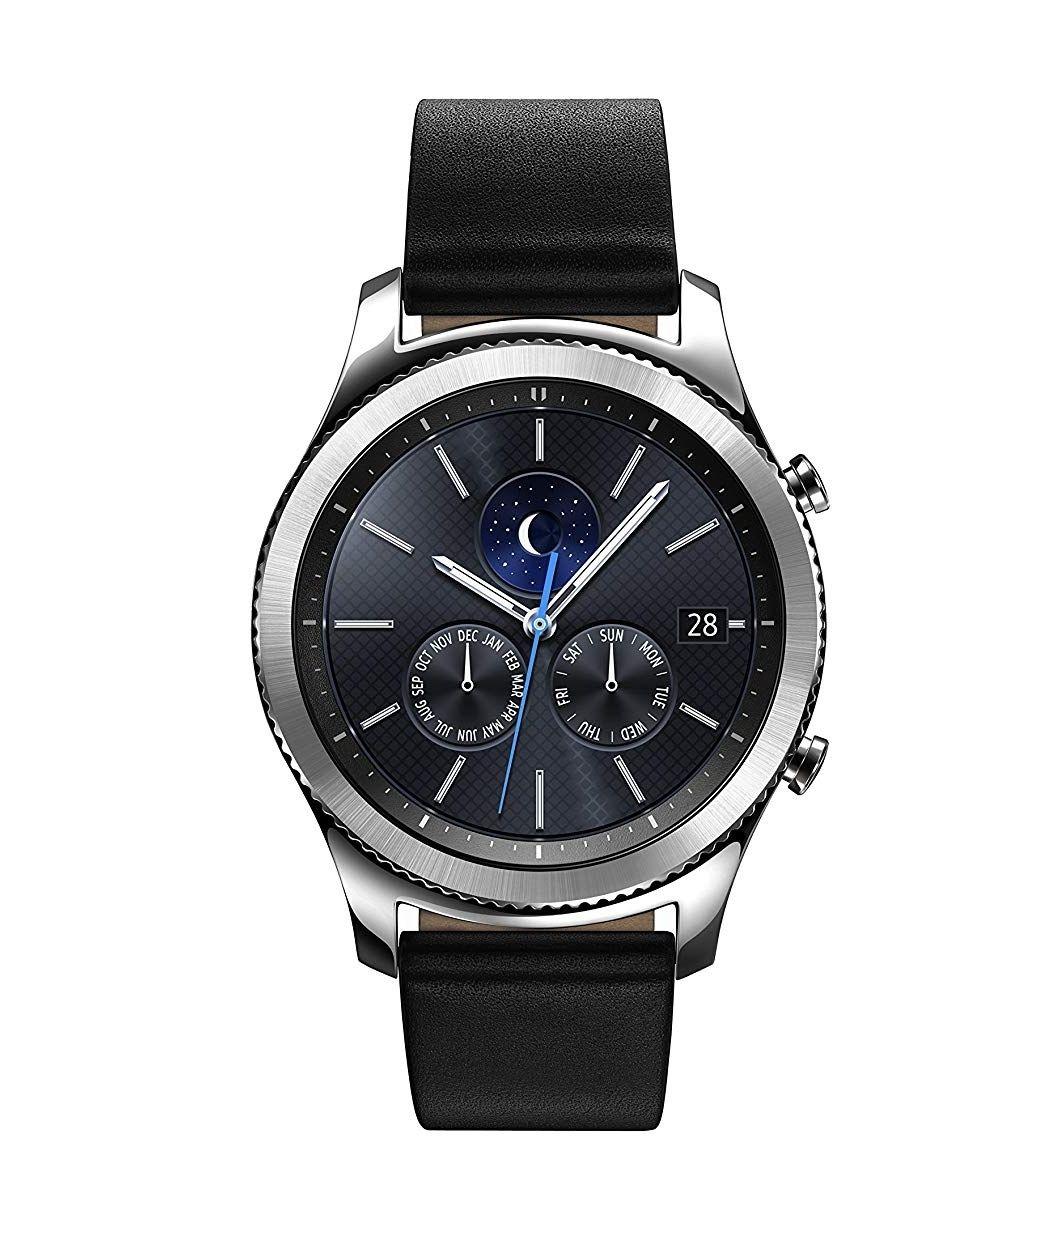 Samsung gear s3 Classic, REACONDICIONADO (COMO NUEVO)